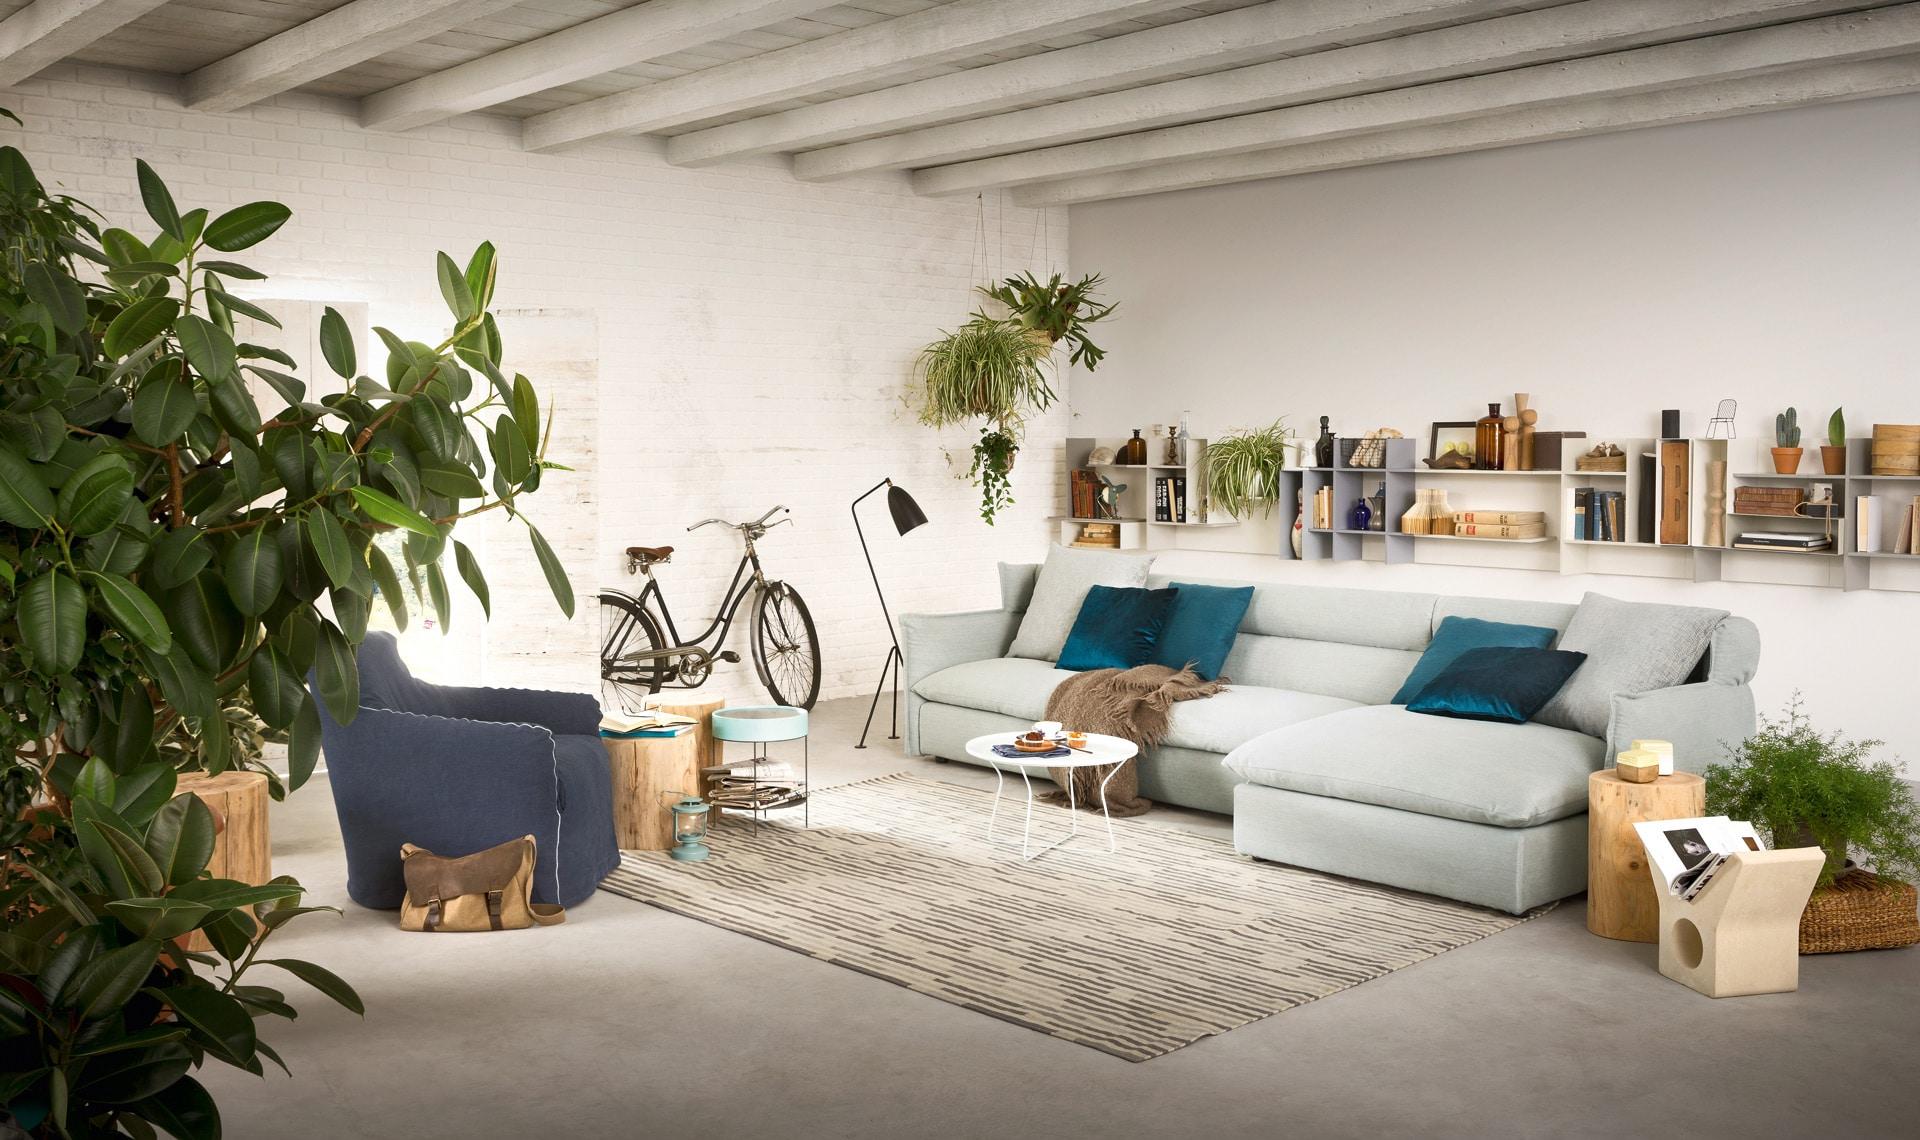 Muebles Tapizados Cl Sicos En Zaragoza R Stica Ambientes # Muebles Vanguardistas